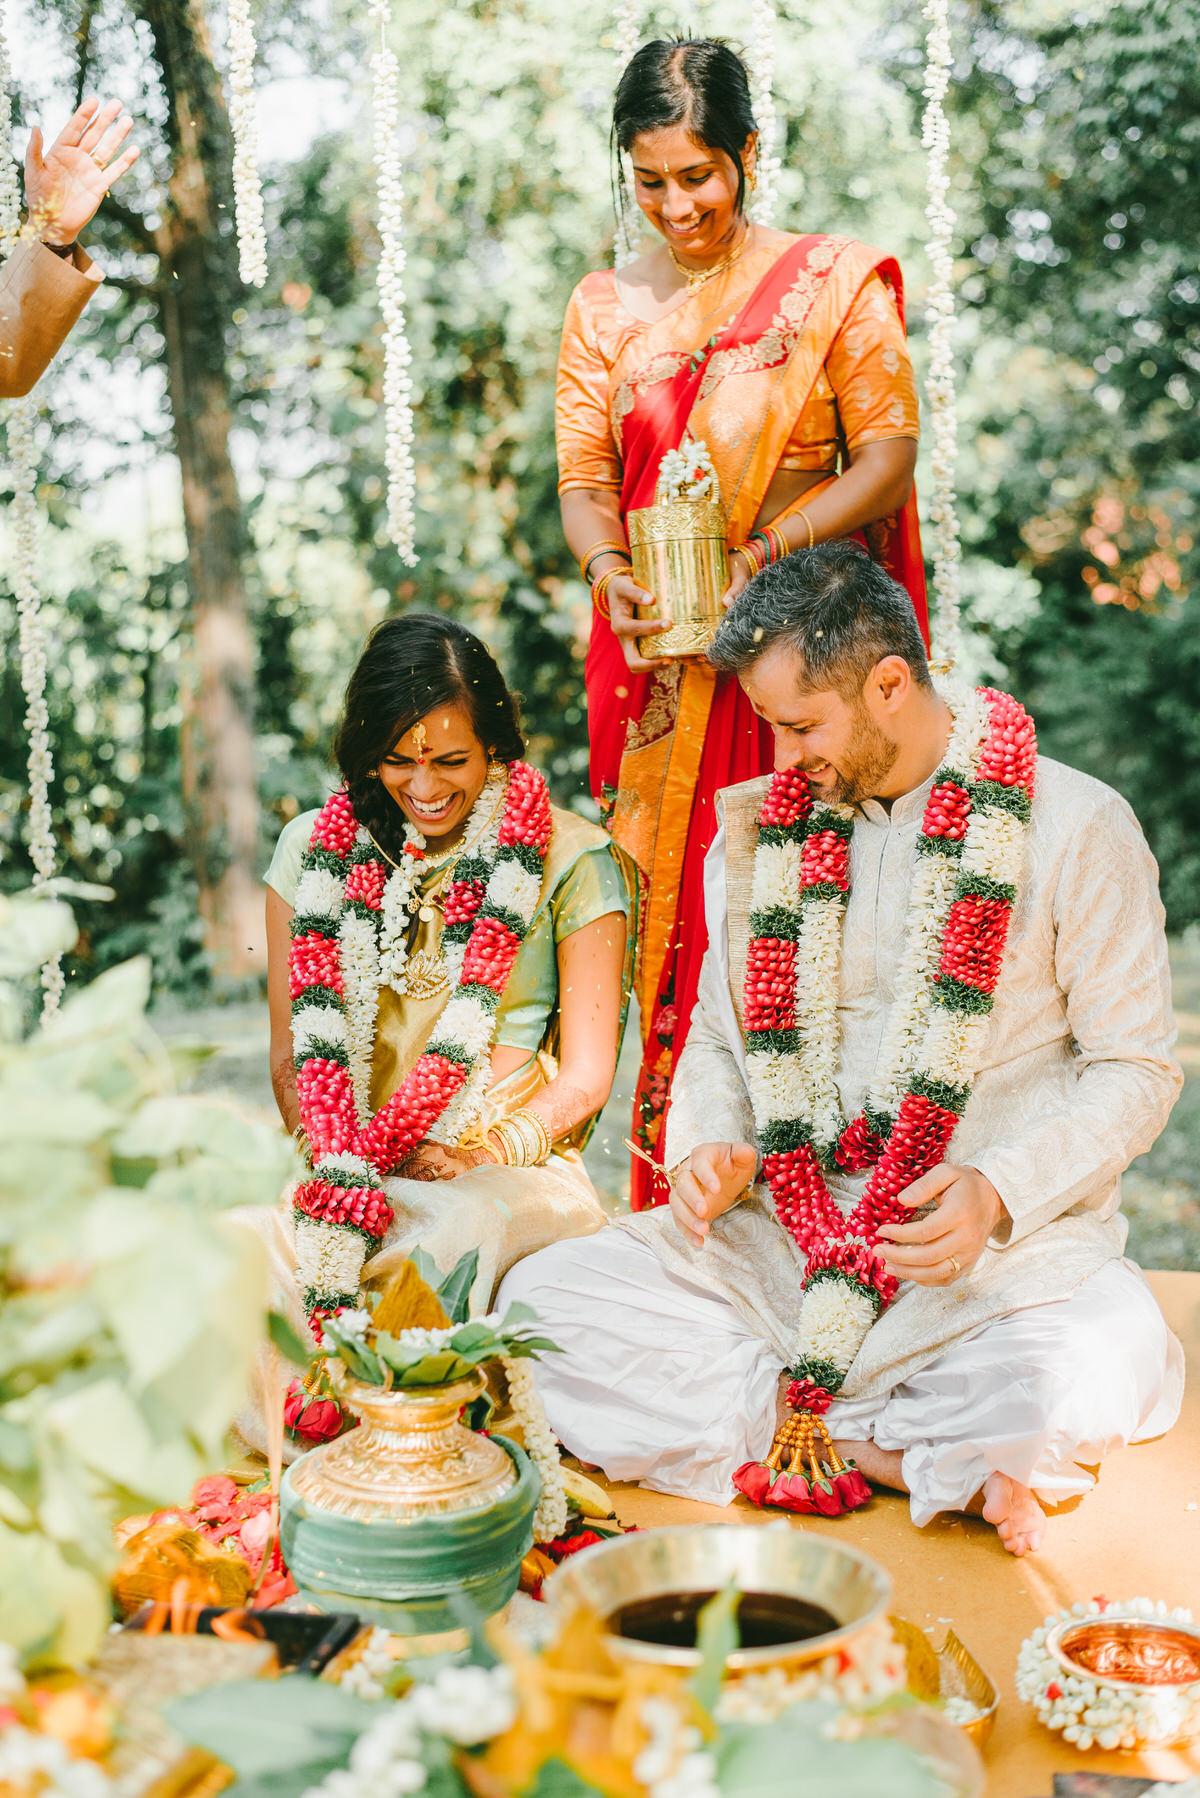 singapore wedding - indian wedding - baliweddingphotographer - diktatphotography - S&L- 82